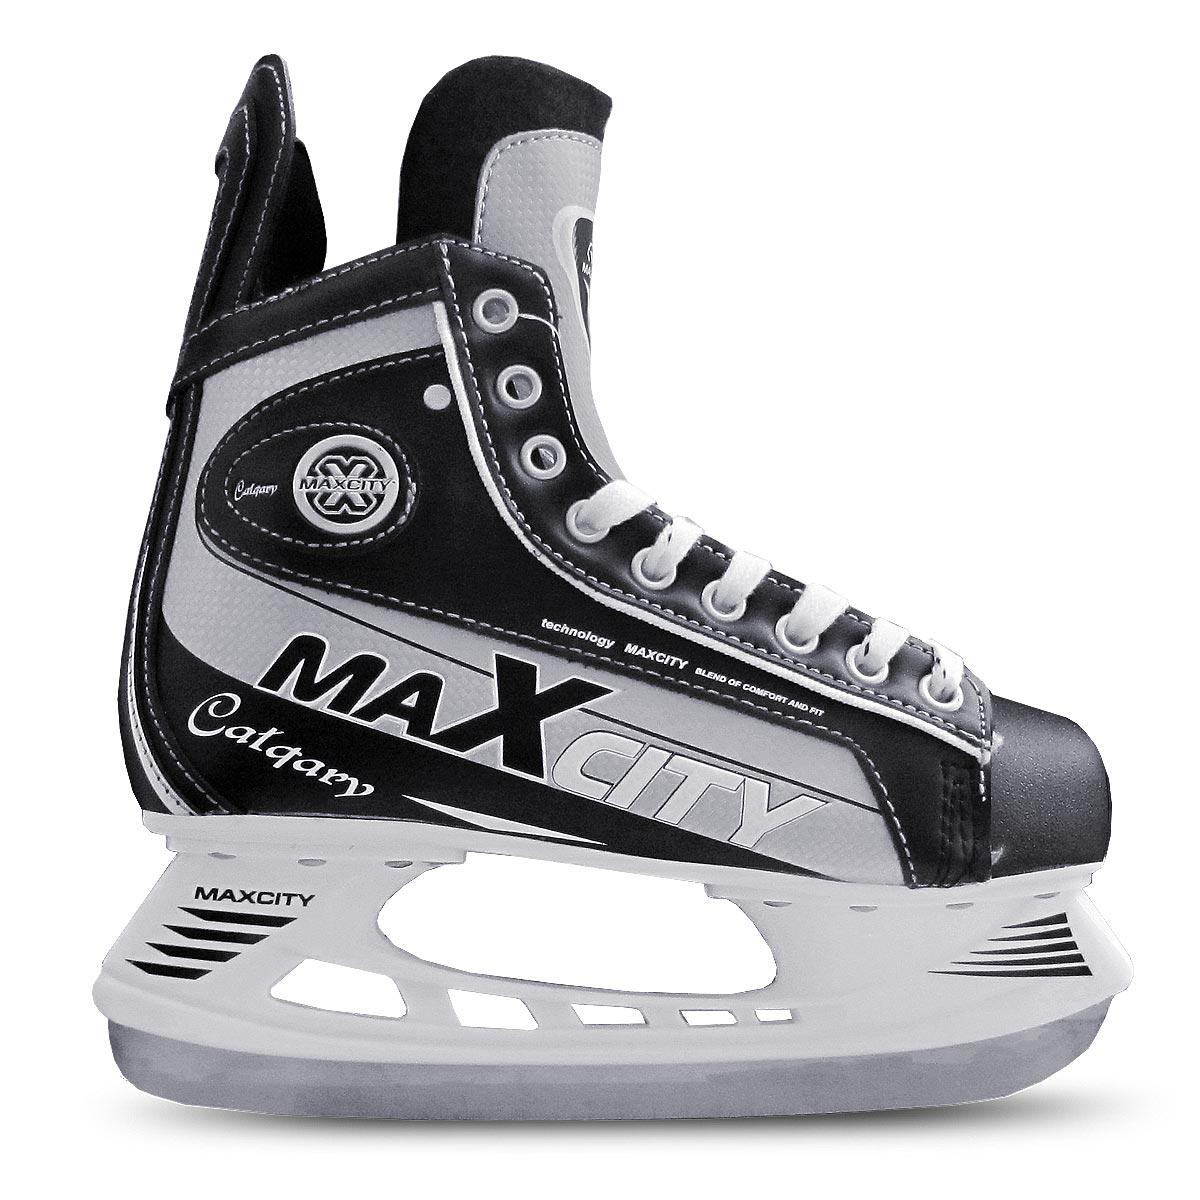 Коньки хоккейные мужские MaxCity Calgary, цвет: черный, серый. Размер 43